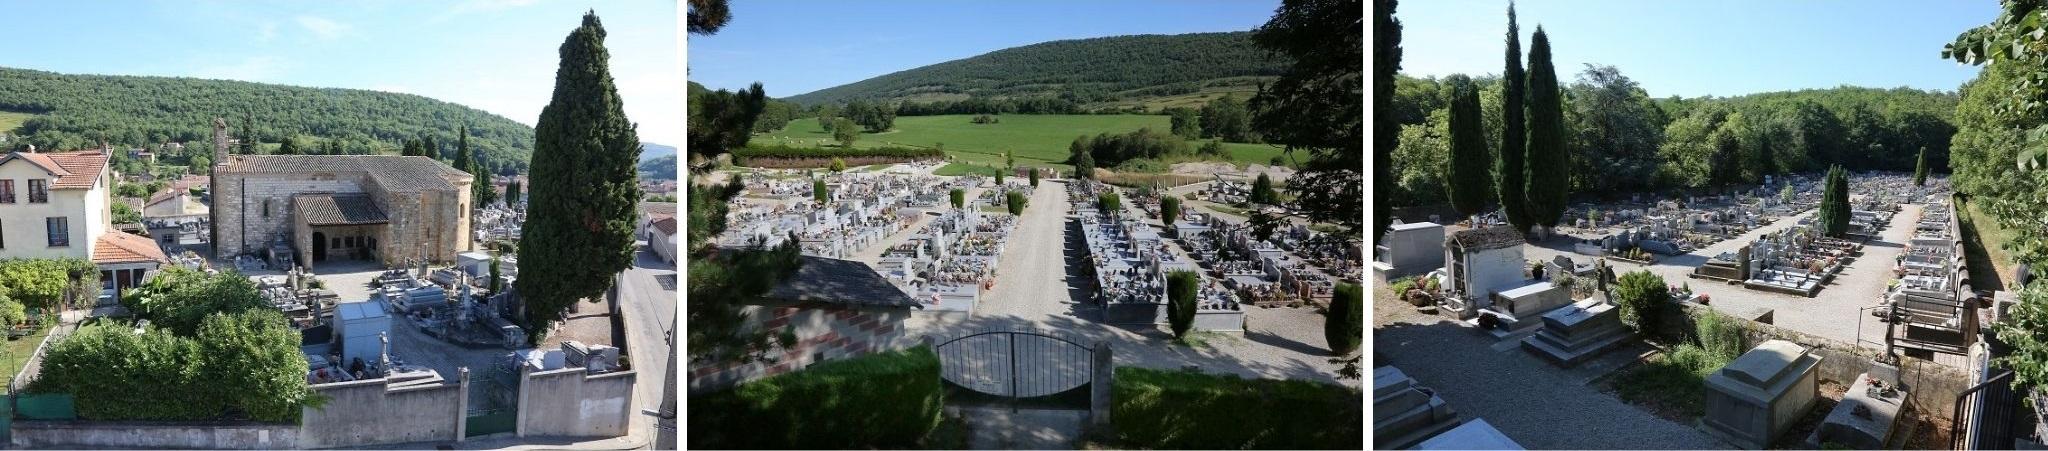 Montage cimetières.jpg